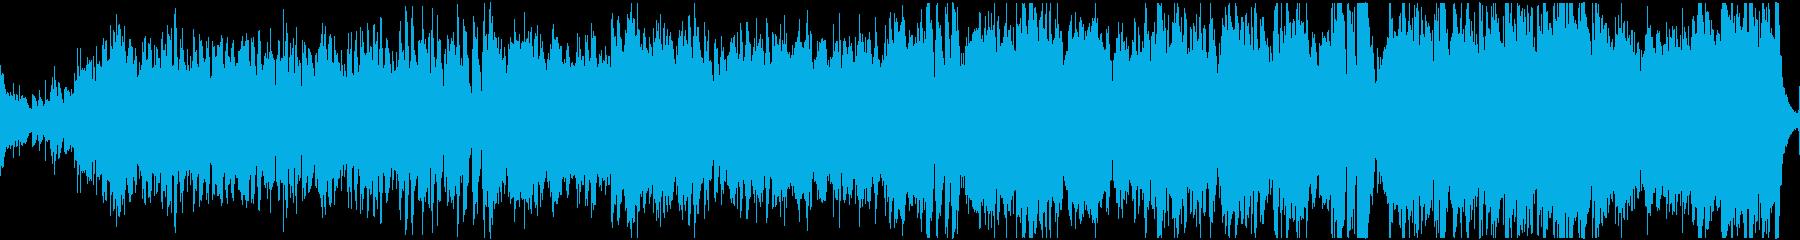 民族調フィールド曲・ループの再生済みの波形